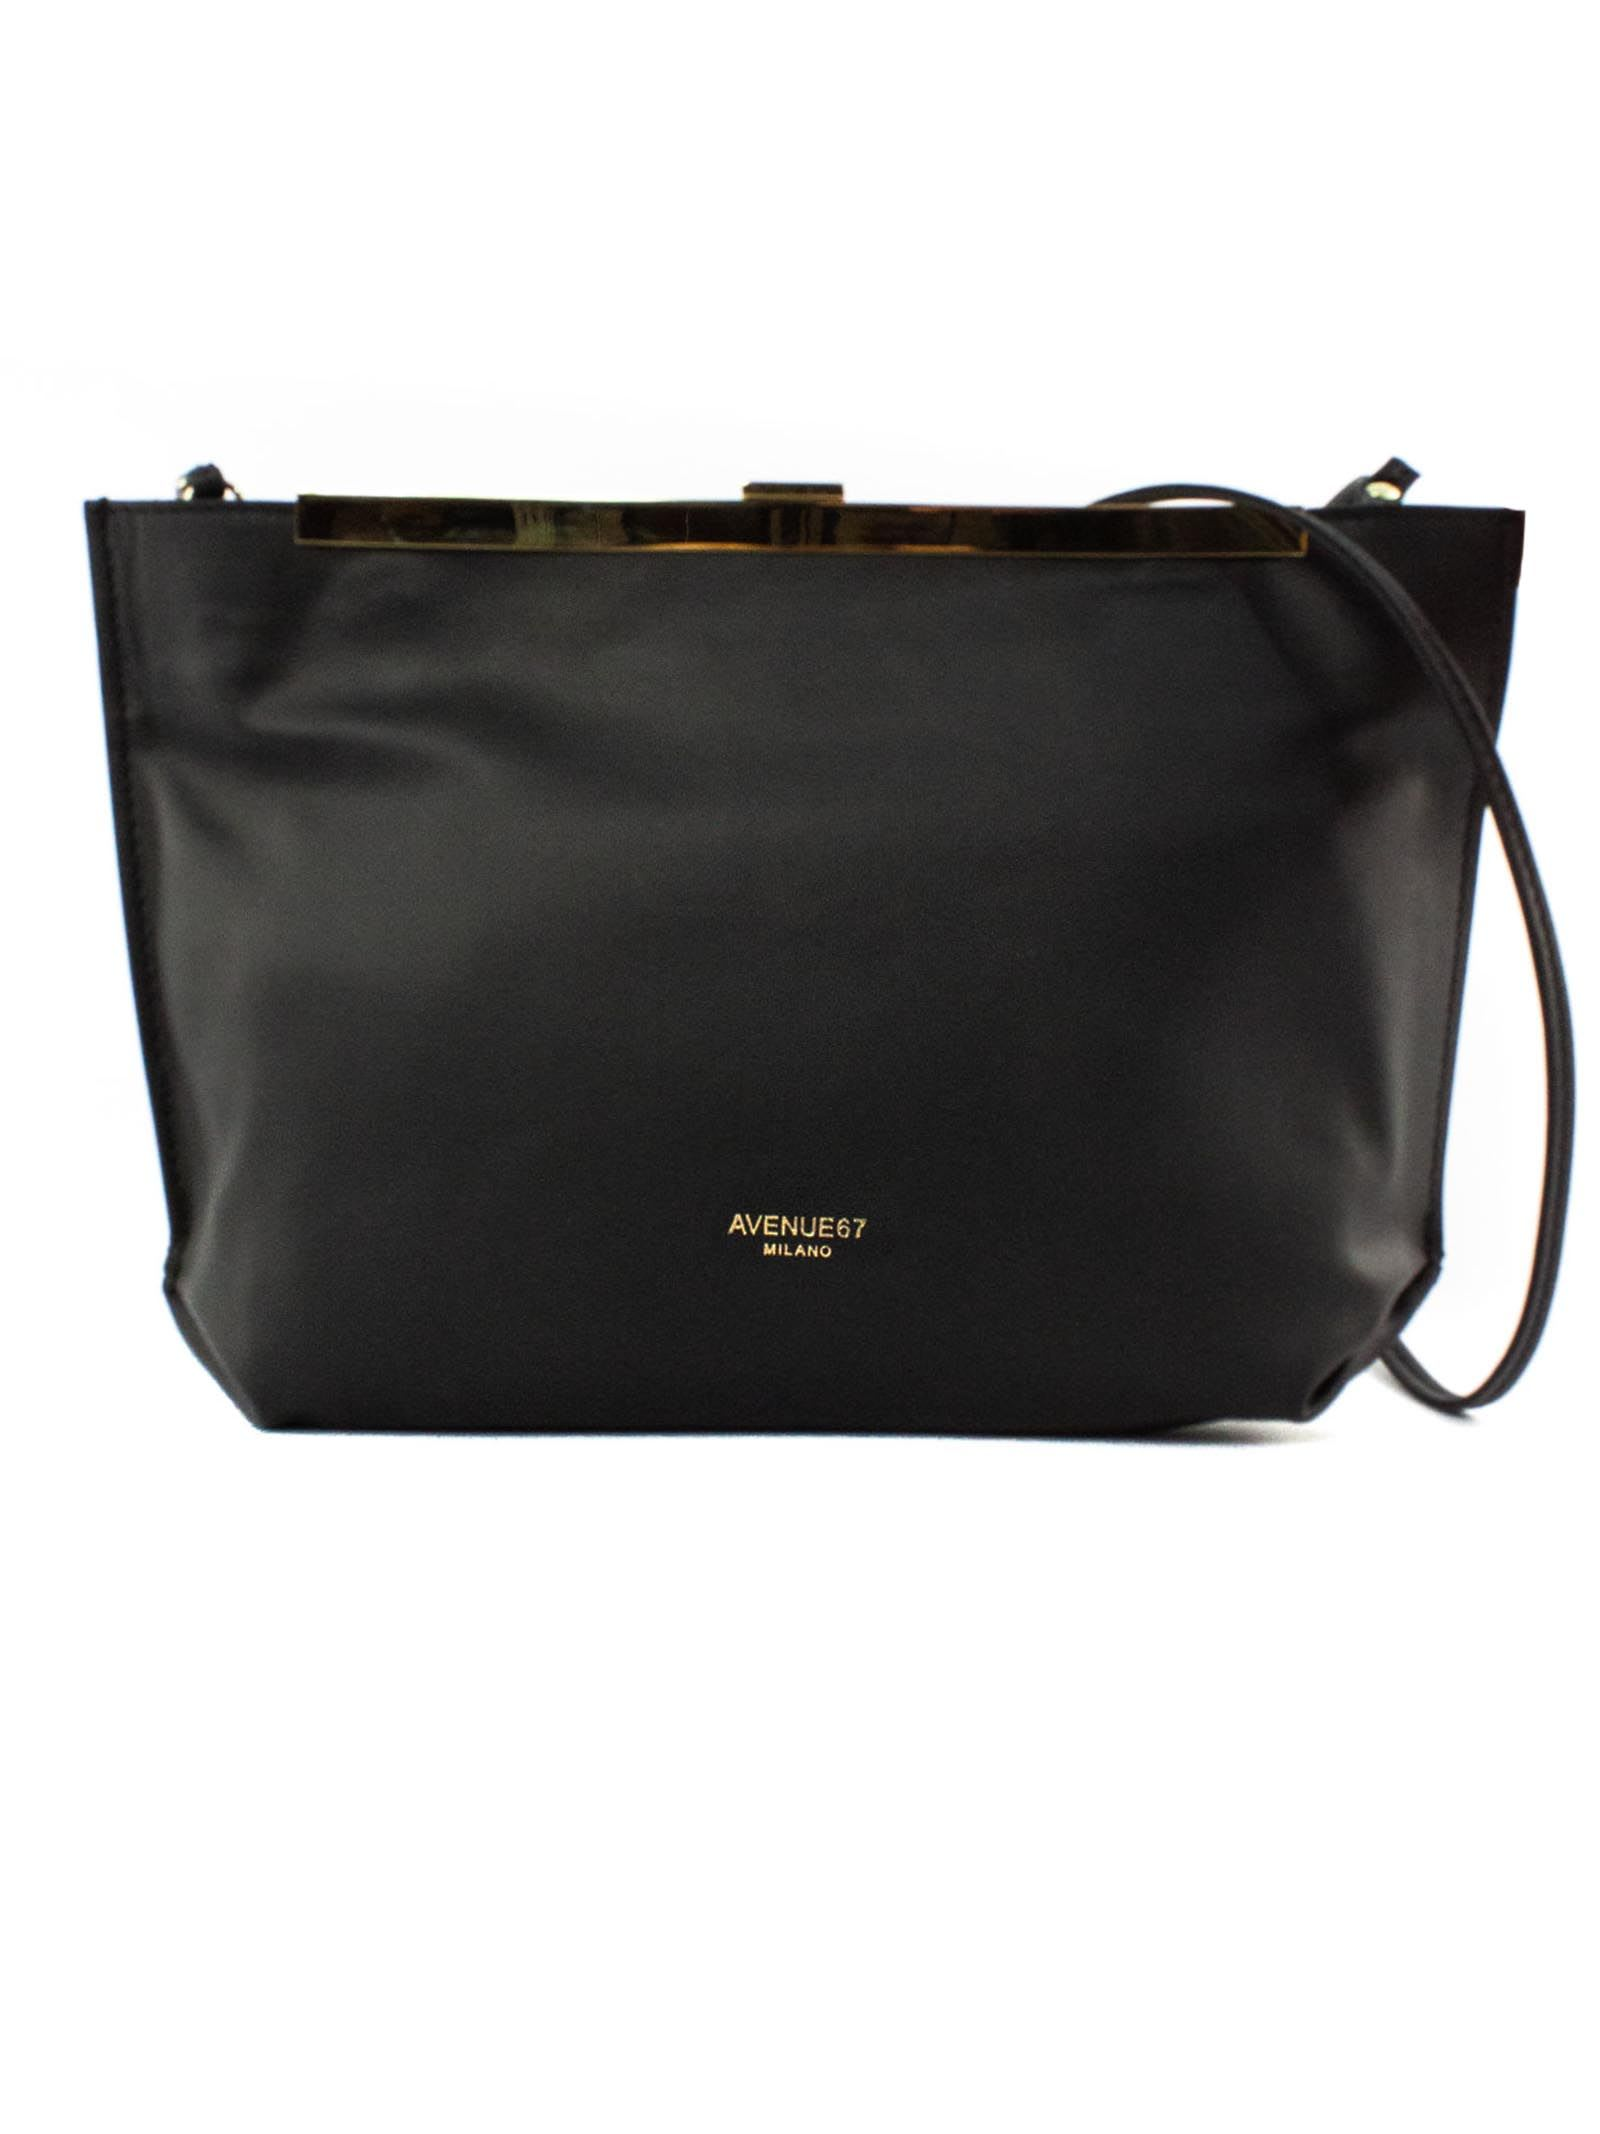 Guia Clutch In Black Soft Leather